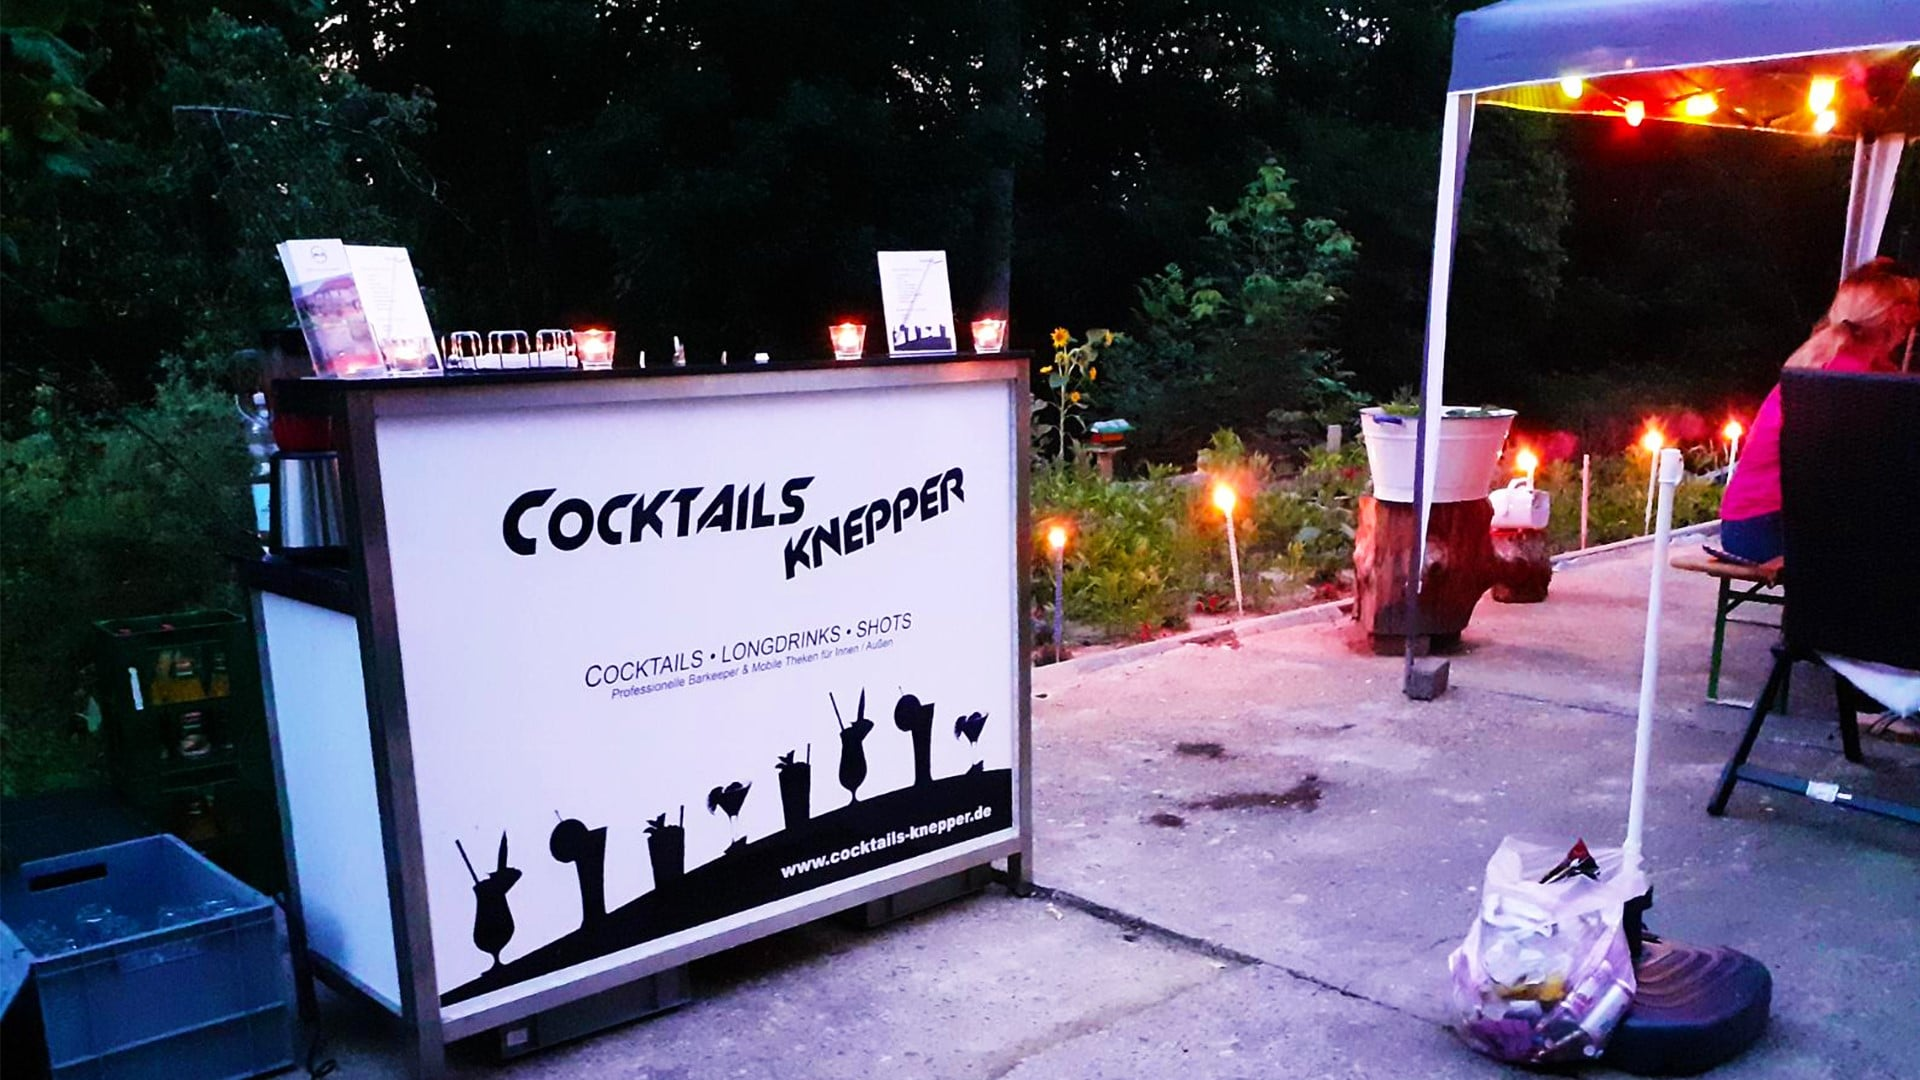 Cocktails Knepper - mobile Cocktailbar in NRW - Unsere Theke im Kerzenschein